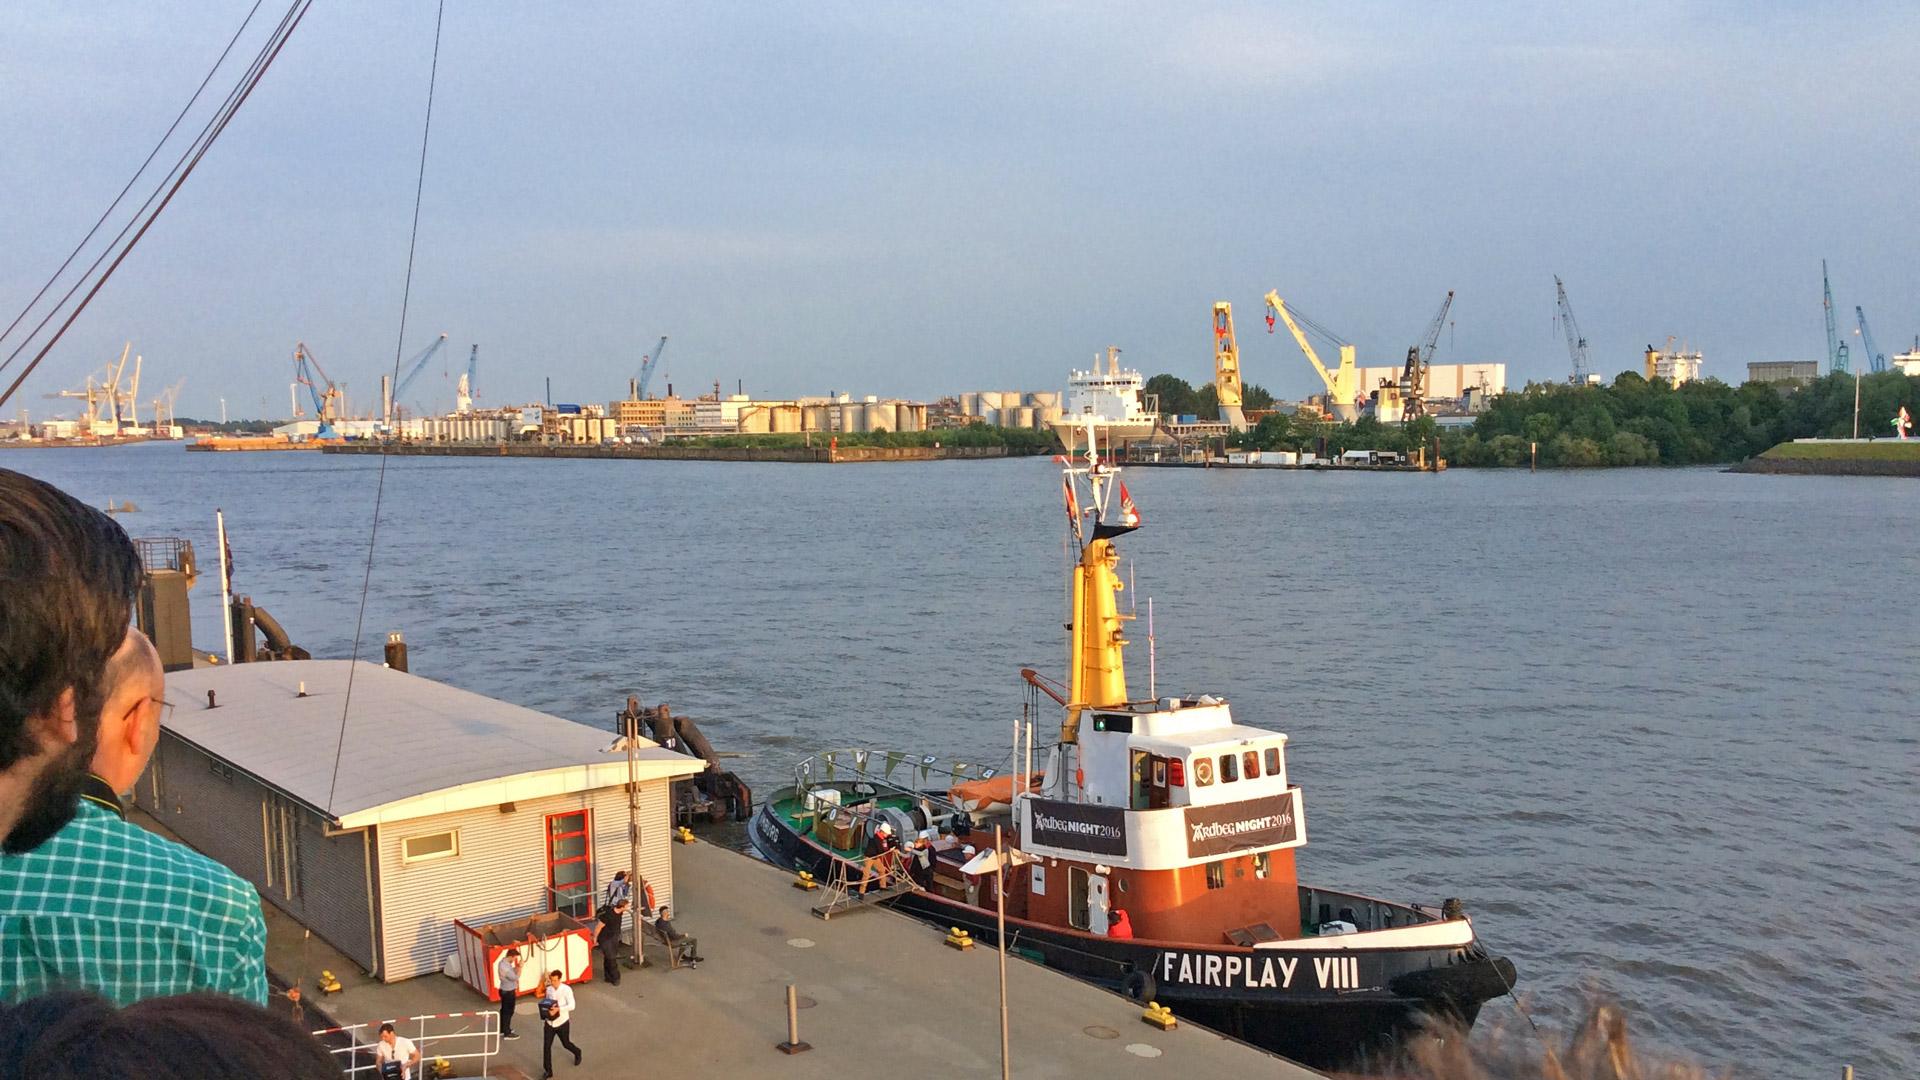 Das Schmugglerschiff mit der Ardbeg Dark Cove Lieferung hat erfolgreich bei den Landungsbrücken angelegt. (Foto: Malt Whisky)